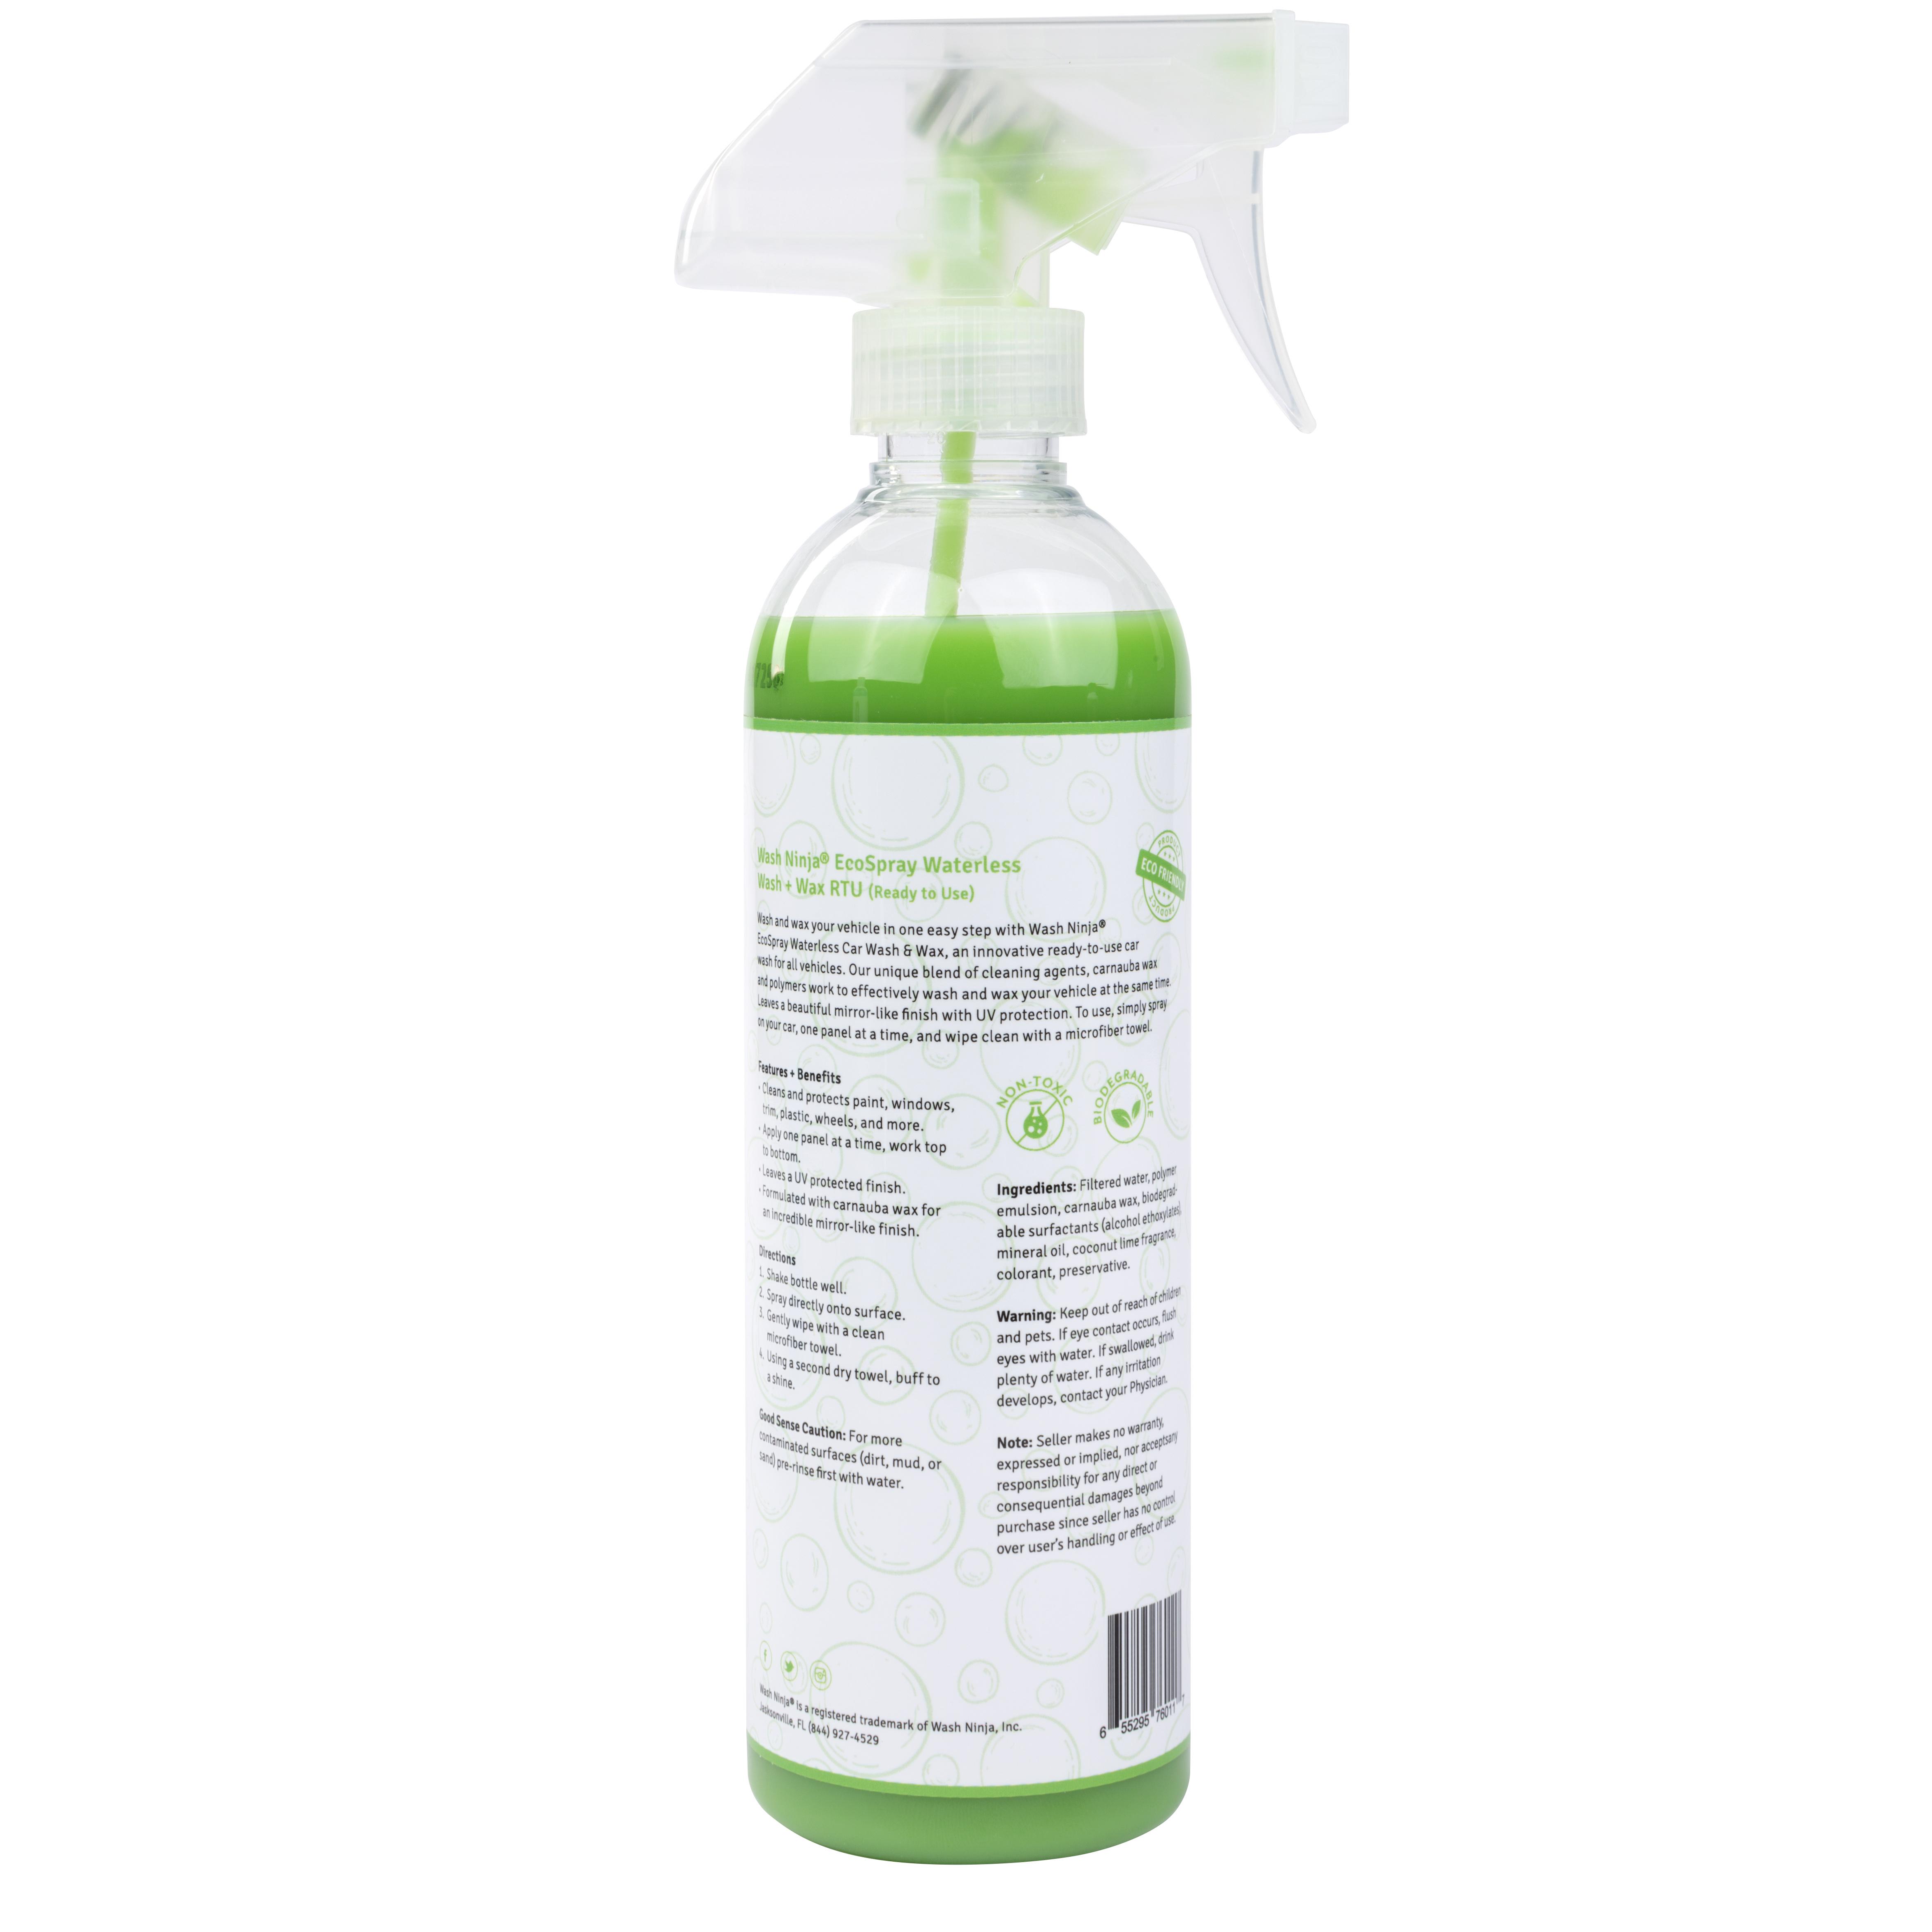 Ceramic Car Wax >> EcoSpray Waterless Car Wash and Wax RTU | Wash Ninja